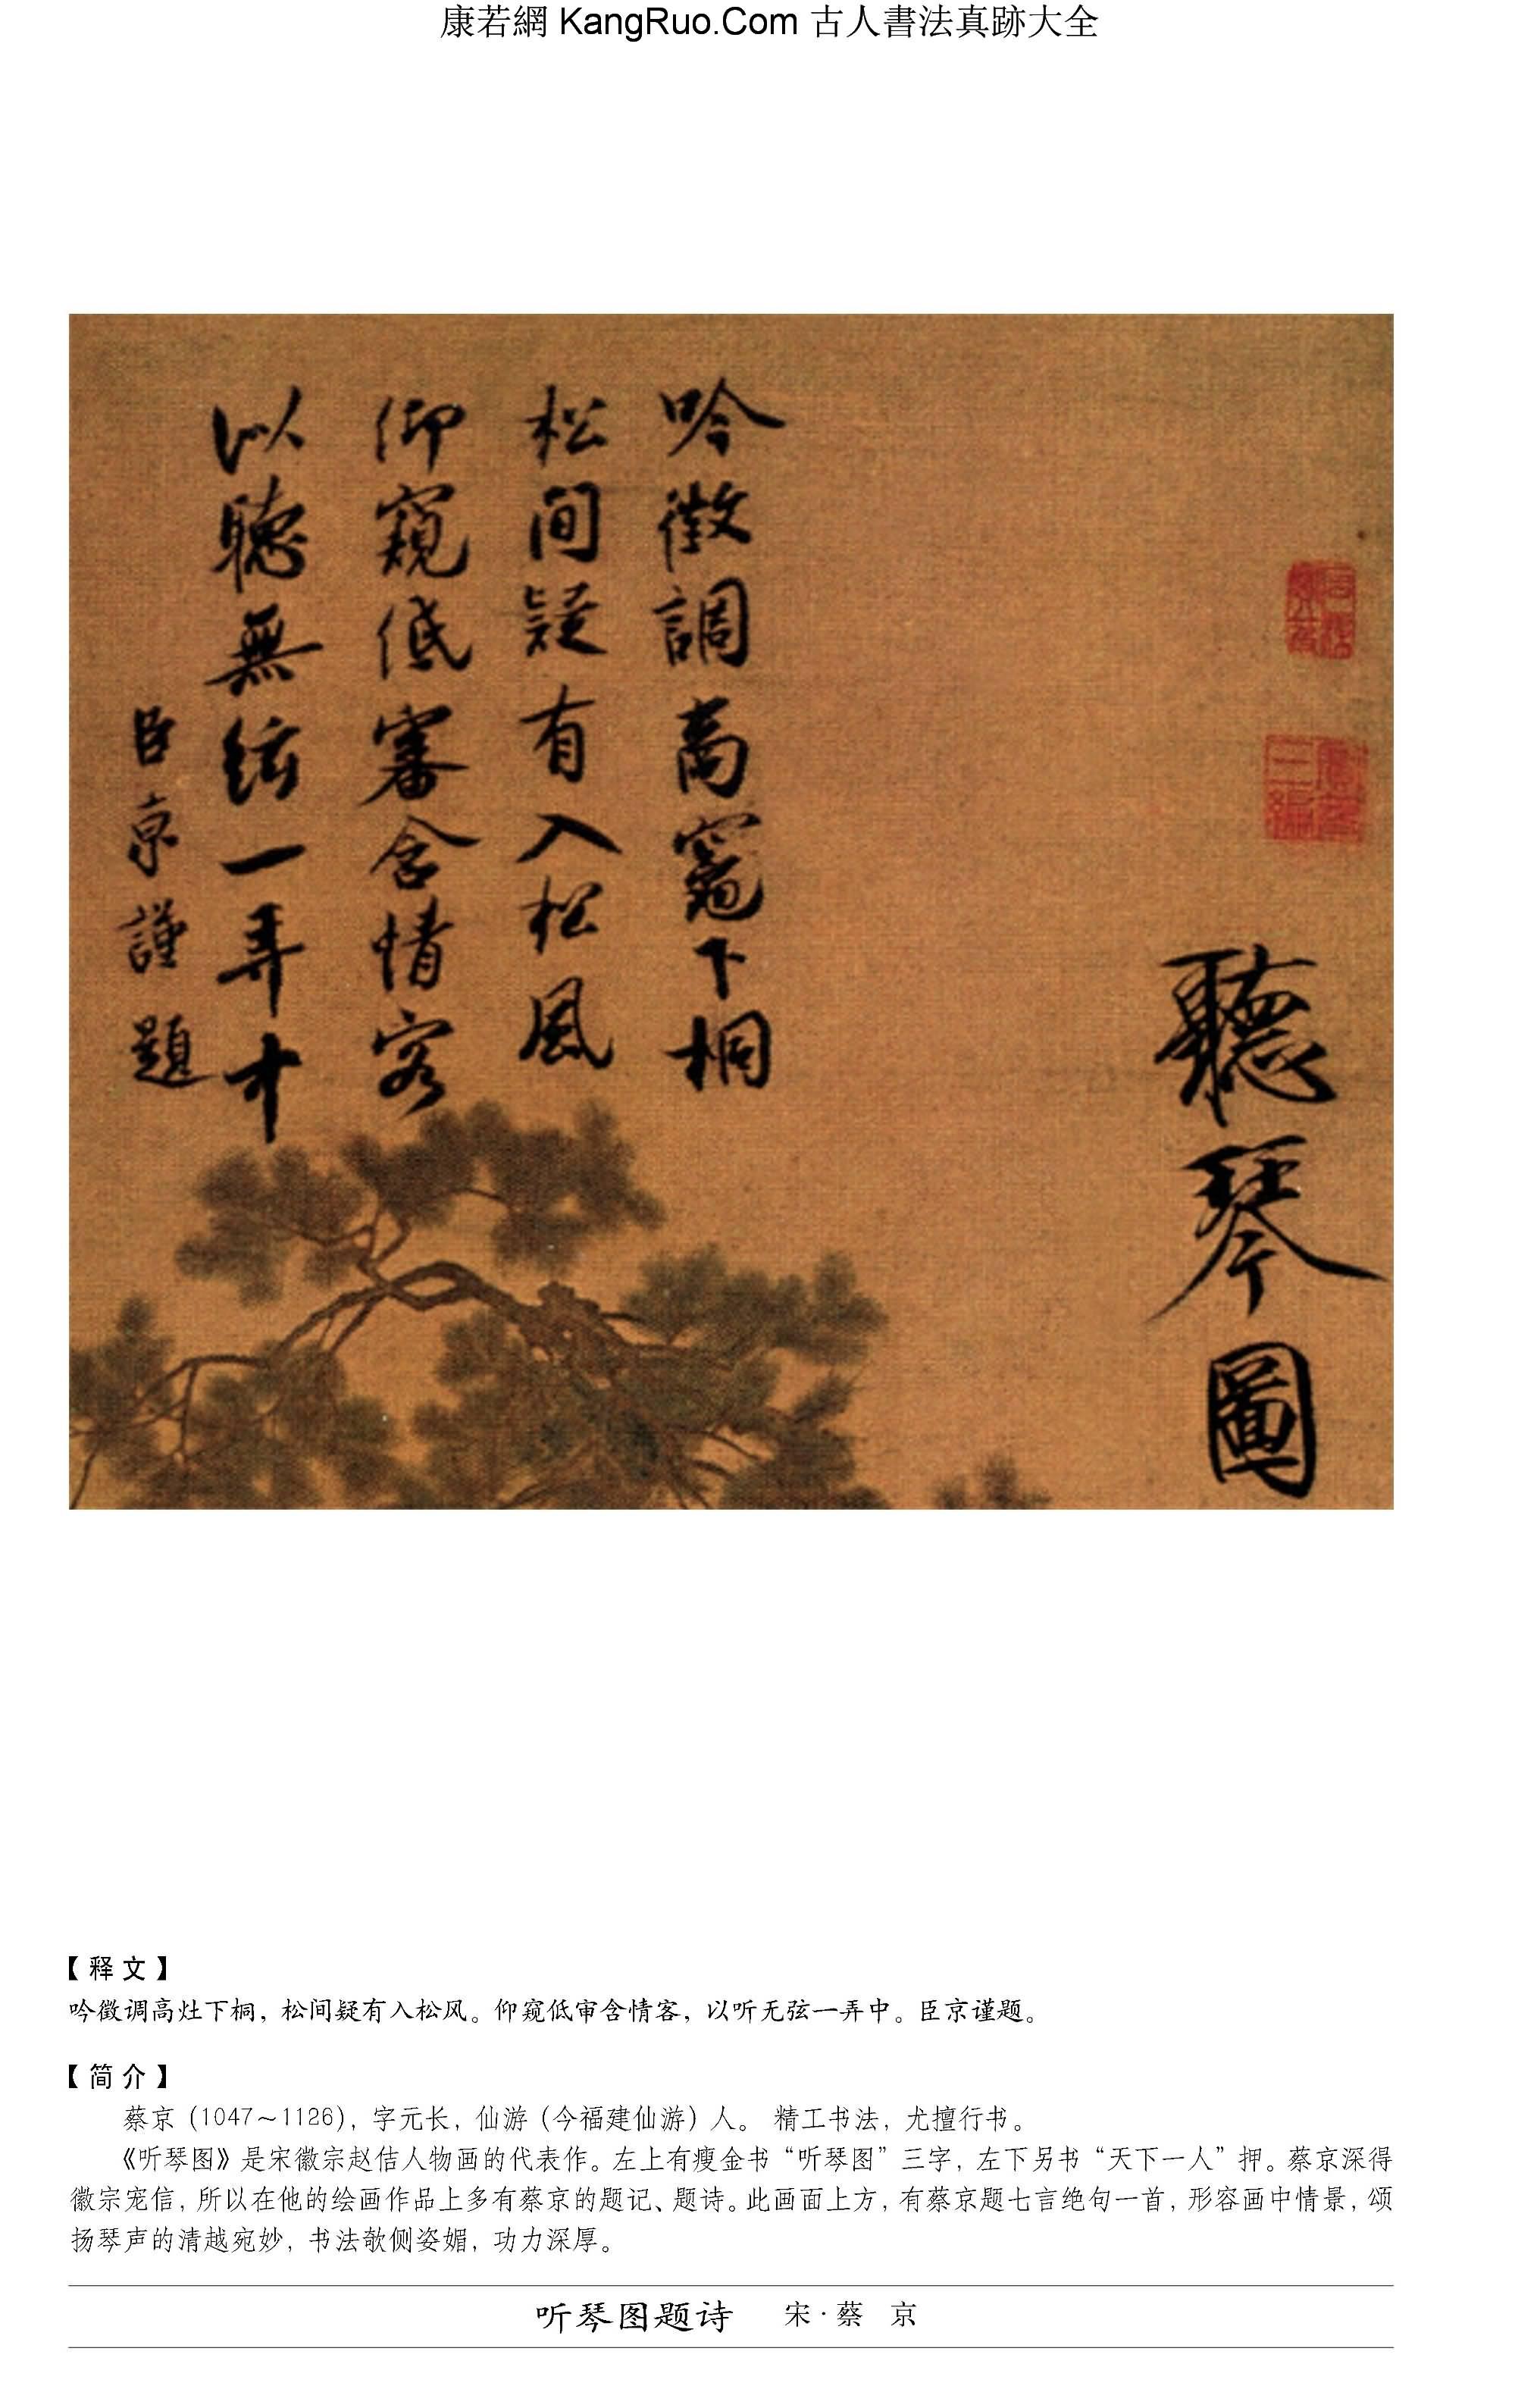 《聽琴圖題詩》書法真跡(行書瘦金體相混)【宋朝·蔡京】_00126